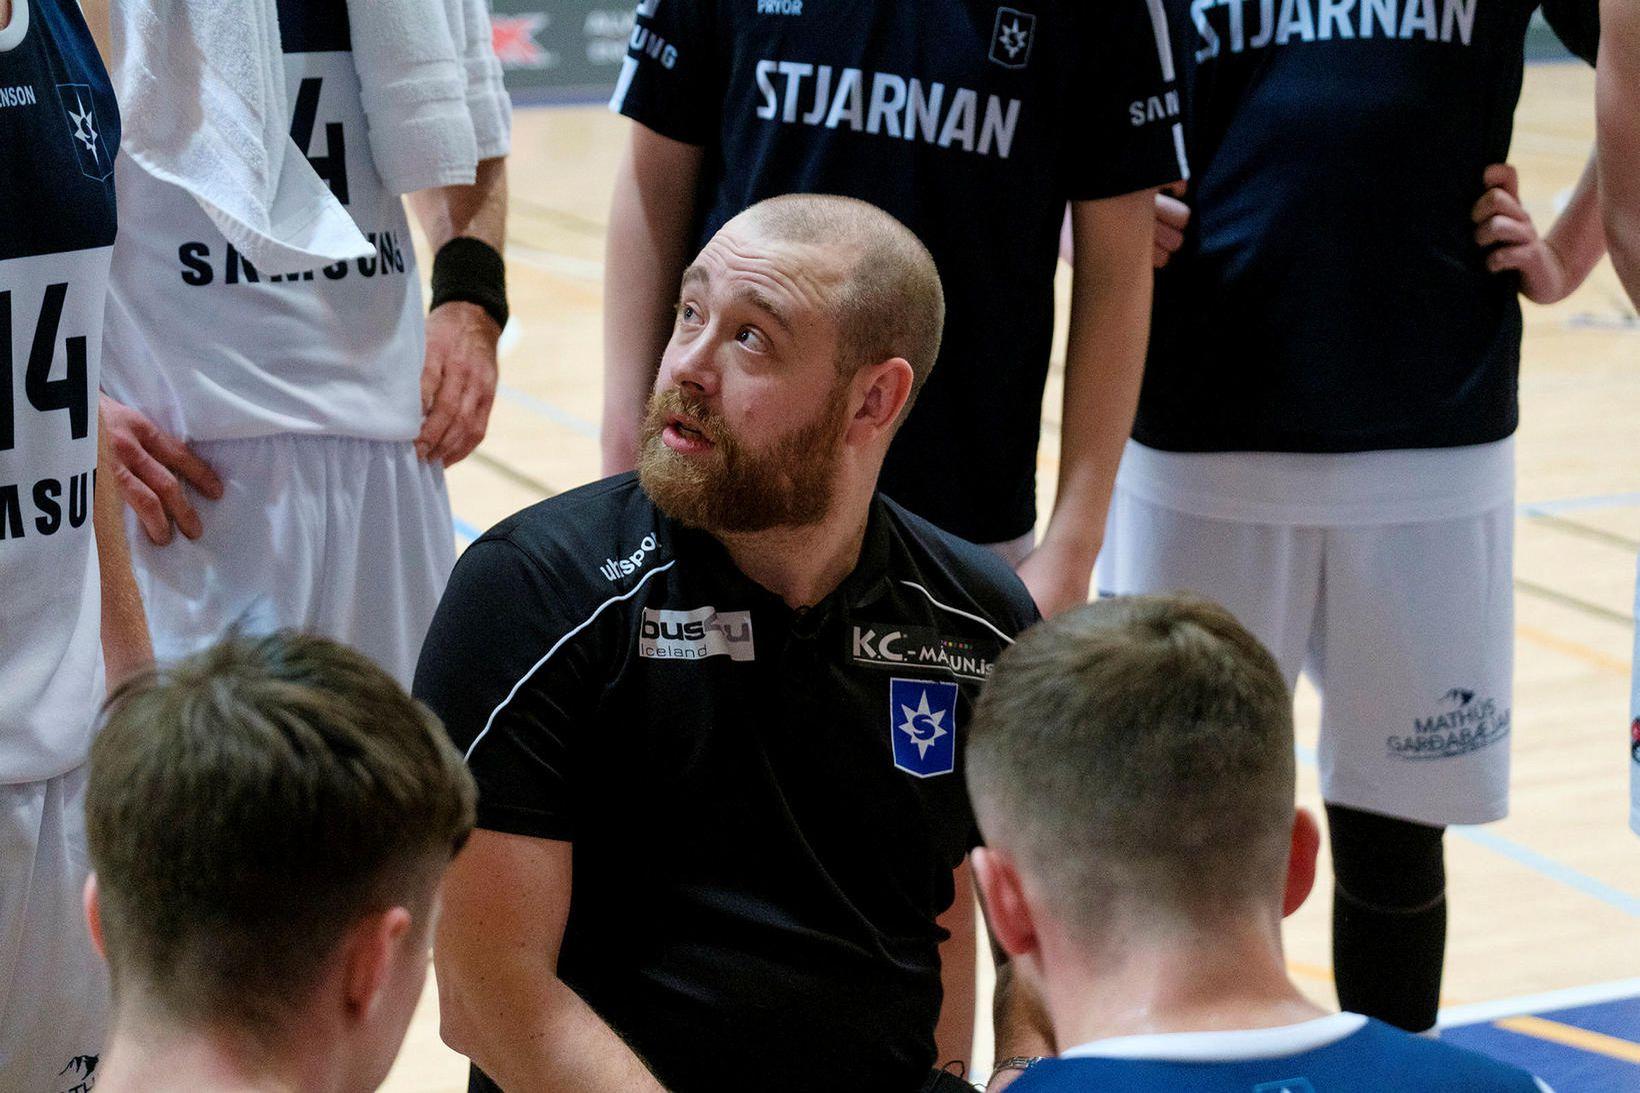 Arnar Guðjónsson þjálfar Stjörnuna.